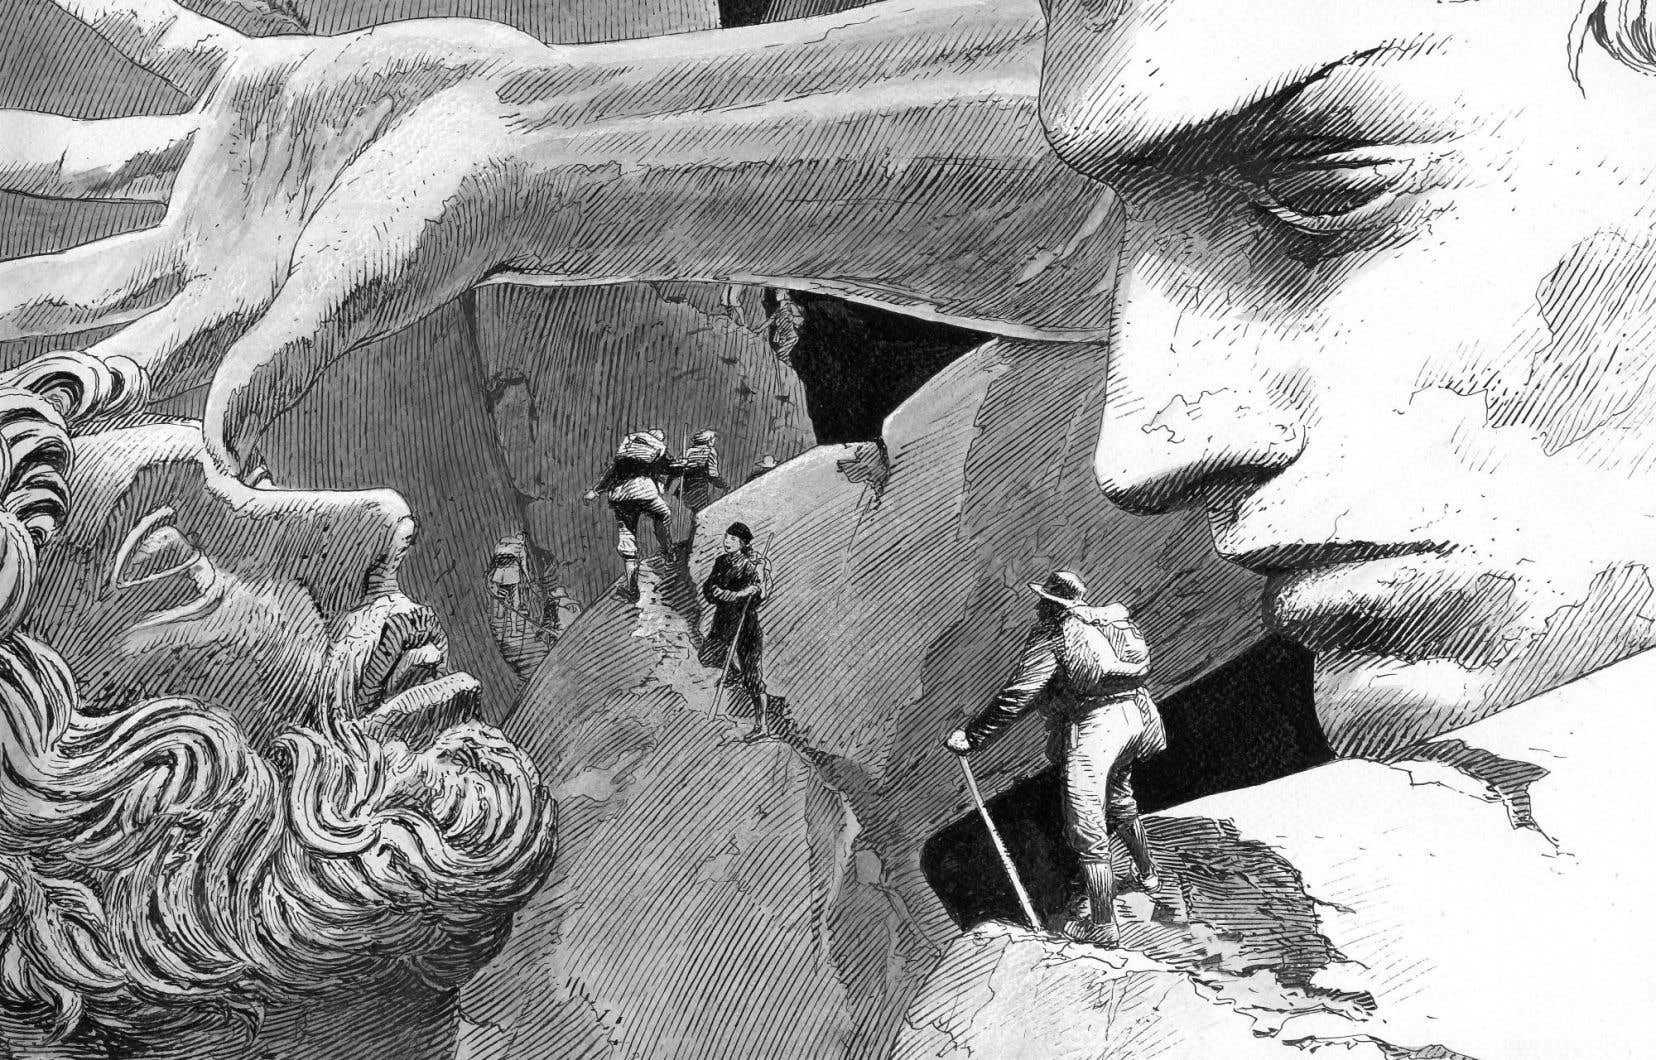 Détail d'une illustration de François Schuiten tirée du roman de Jacques Abeille «Les jardins statuaires»